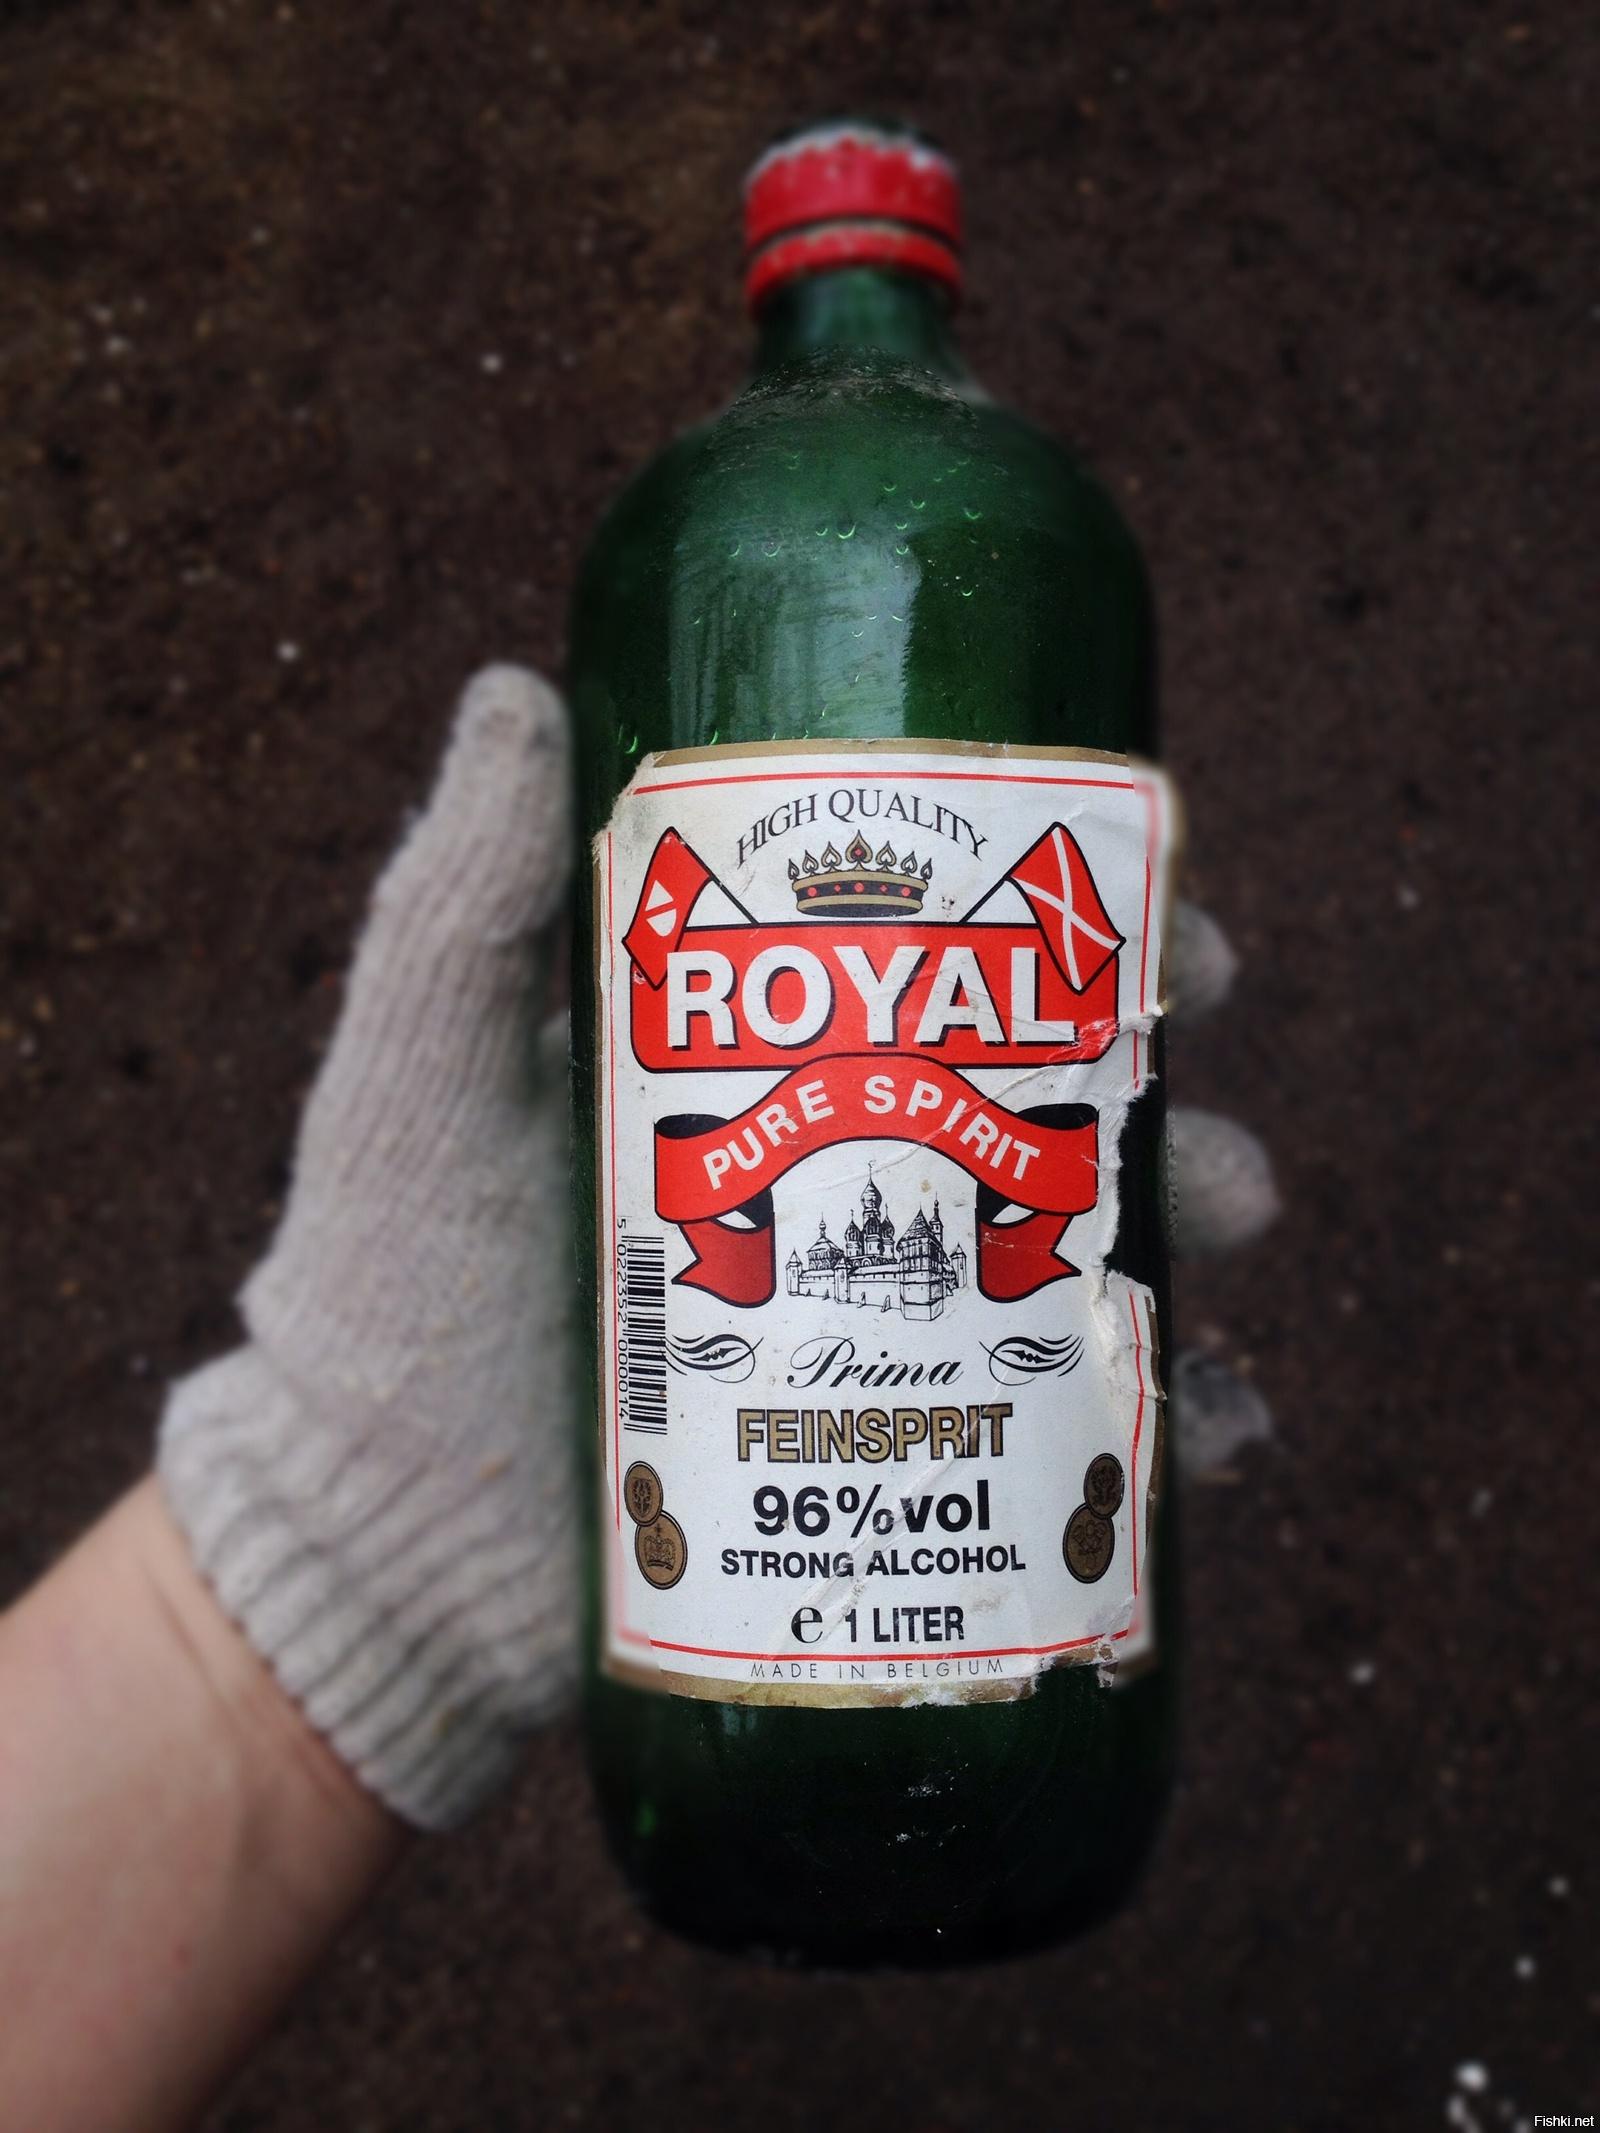 для спирт бутылка фото рояль шторы очень